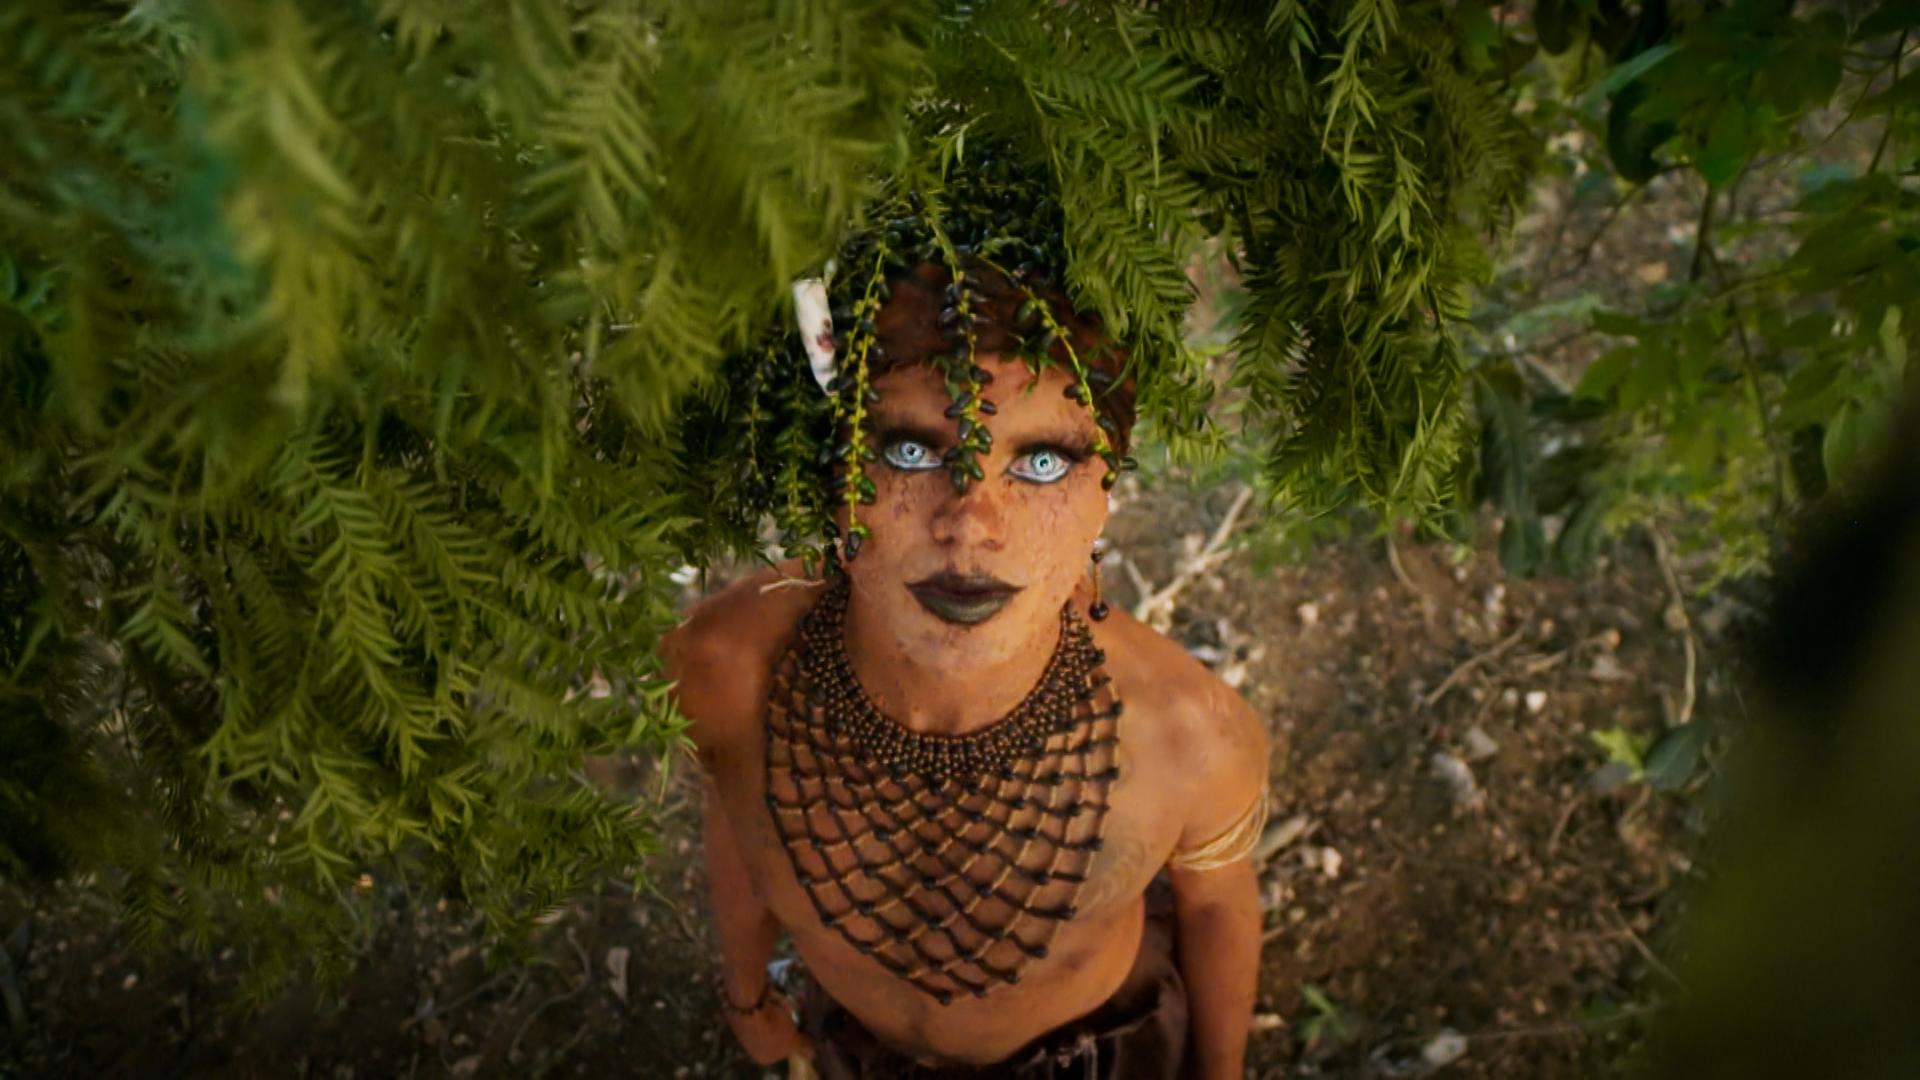 Bióloga, mestre em Ecologia, artista visual, drag queen ambientalista: Emerson Uýra aparece montada no Falas da Terra para reforçar diversidade (Foto: TV Globo)